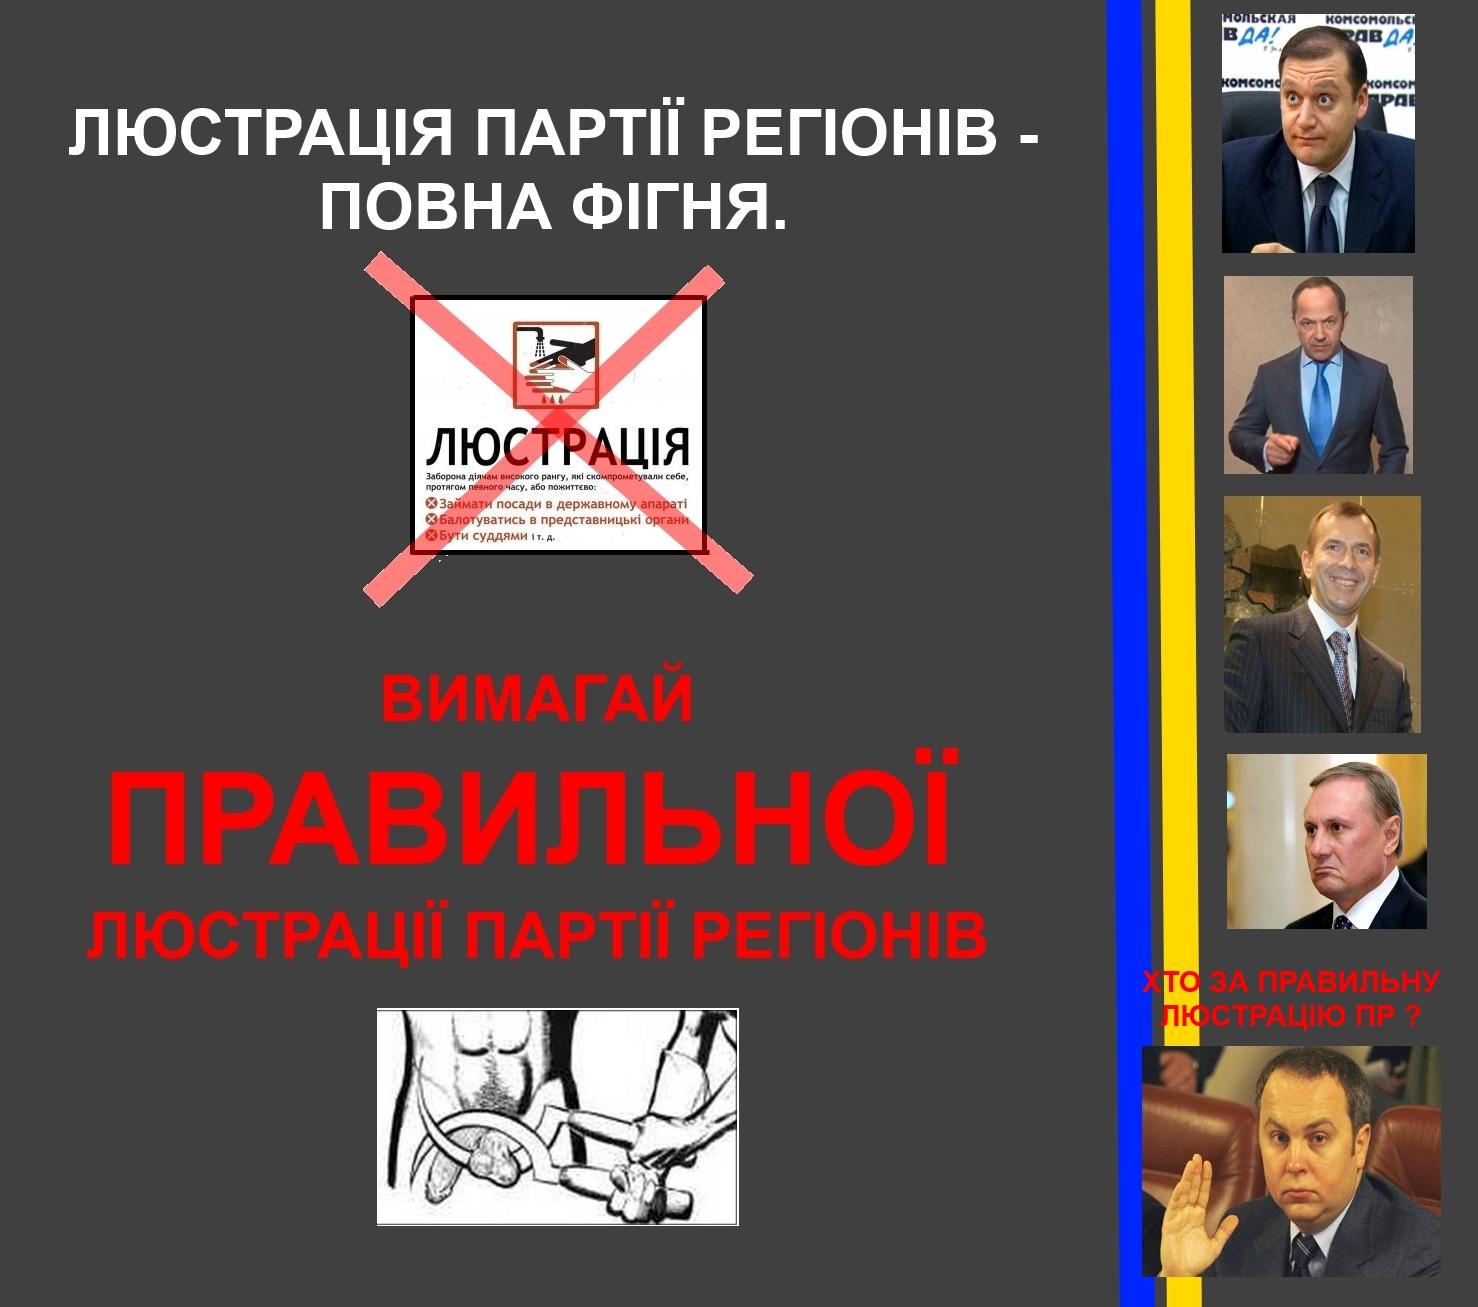 В Администрации президента хотят провести досрочные выборы в Раду уже летом - Цензор.НЕТ 8614